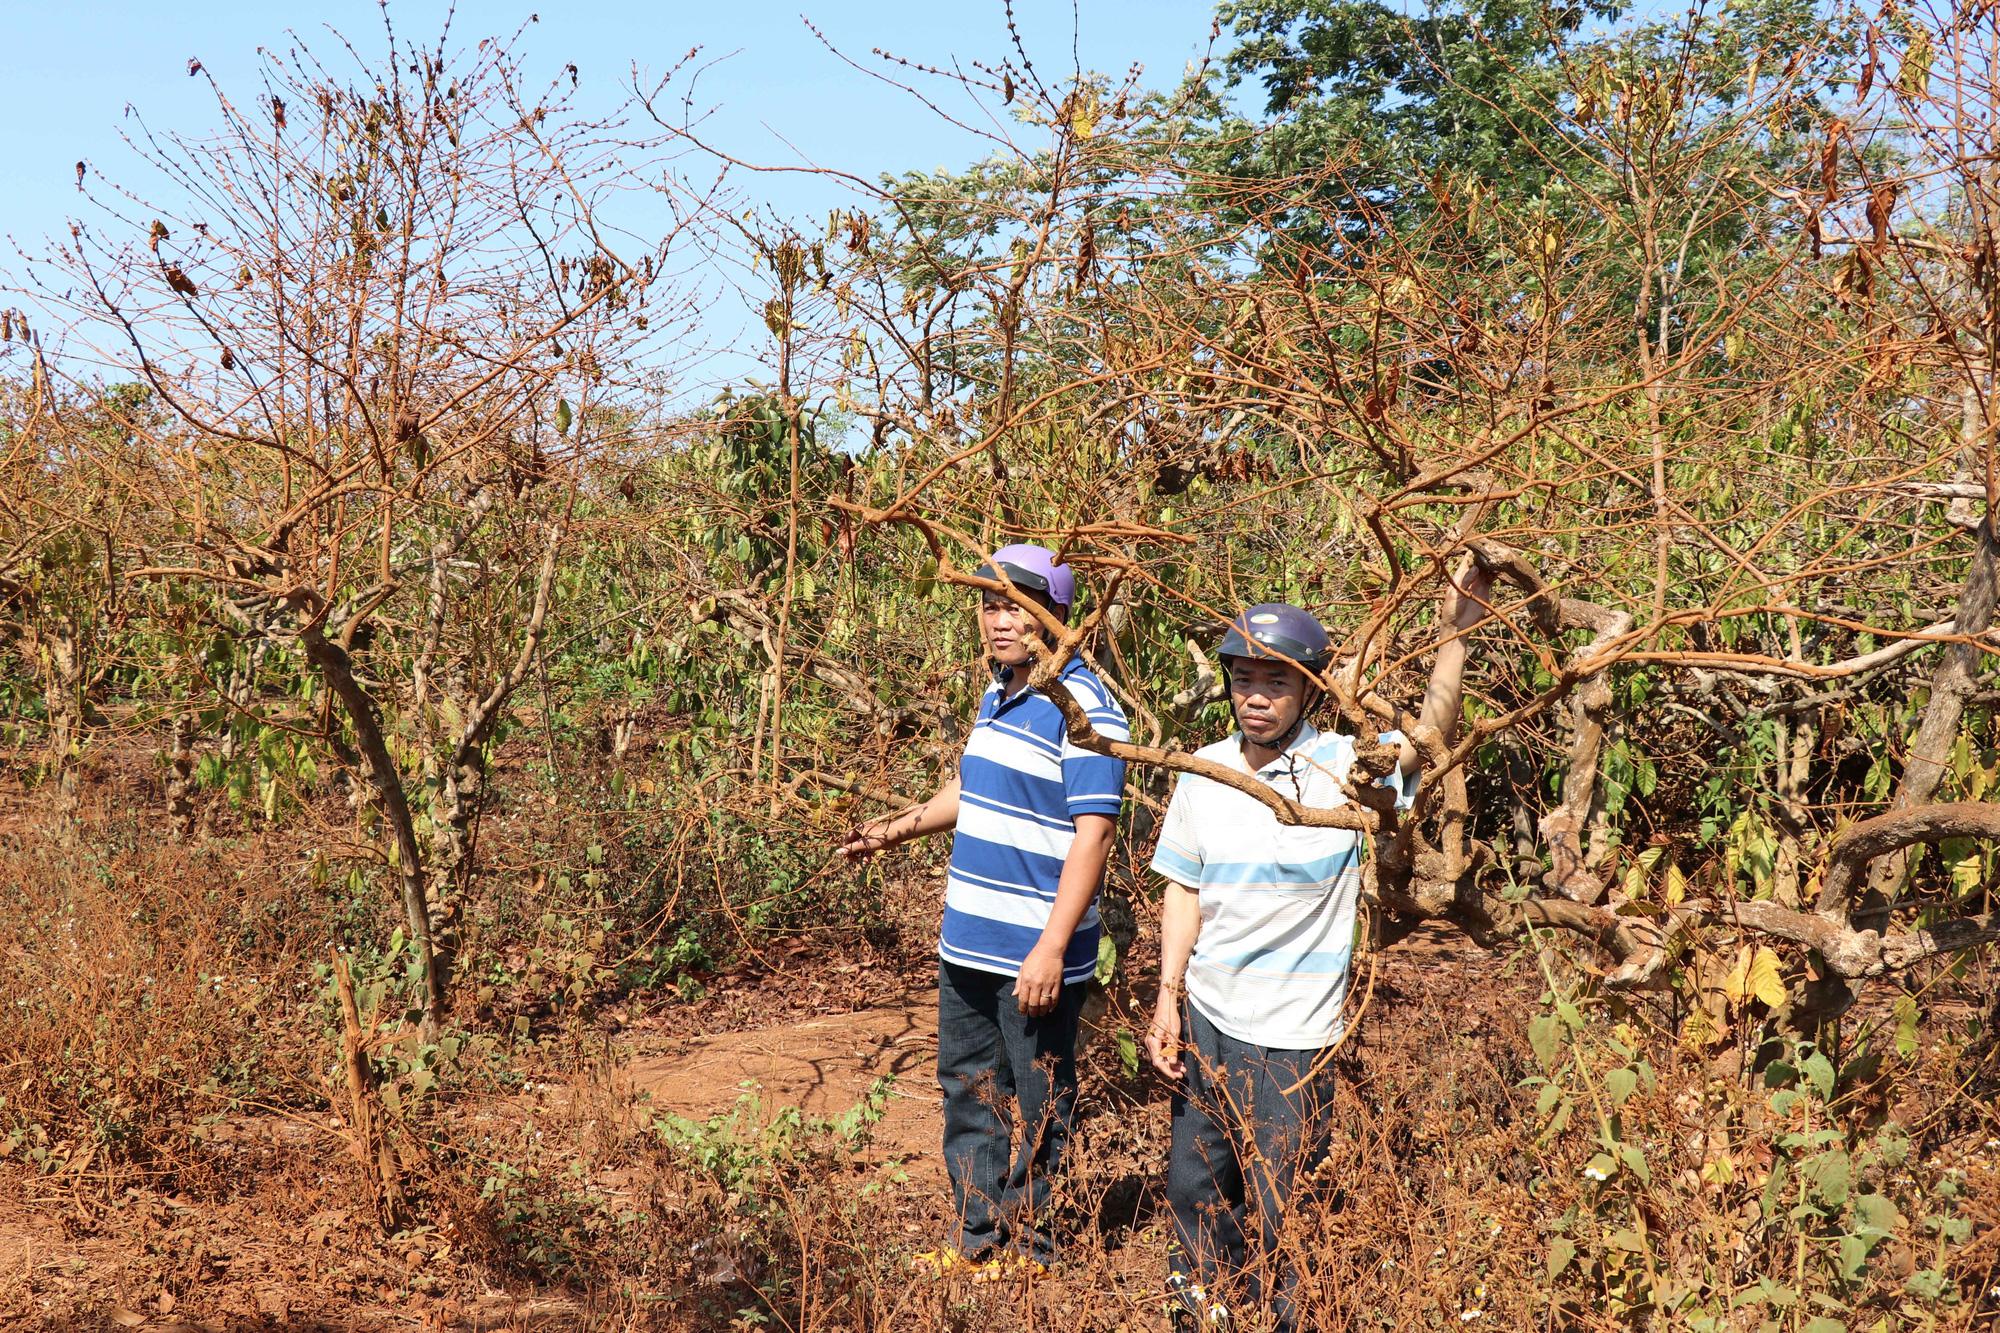 Bàn giao đất, vướng đền bù cây trồng trên 23,4 ha đất - Ảnh 1.